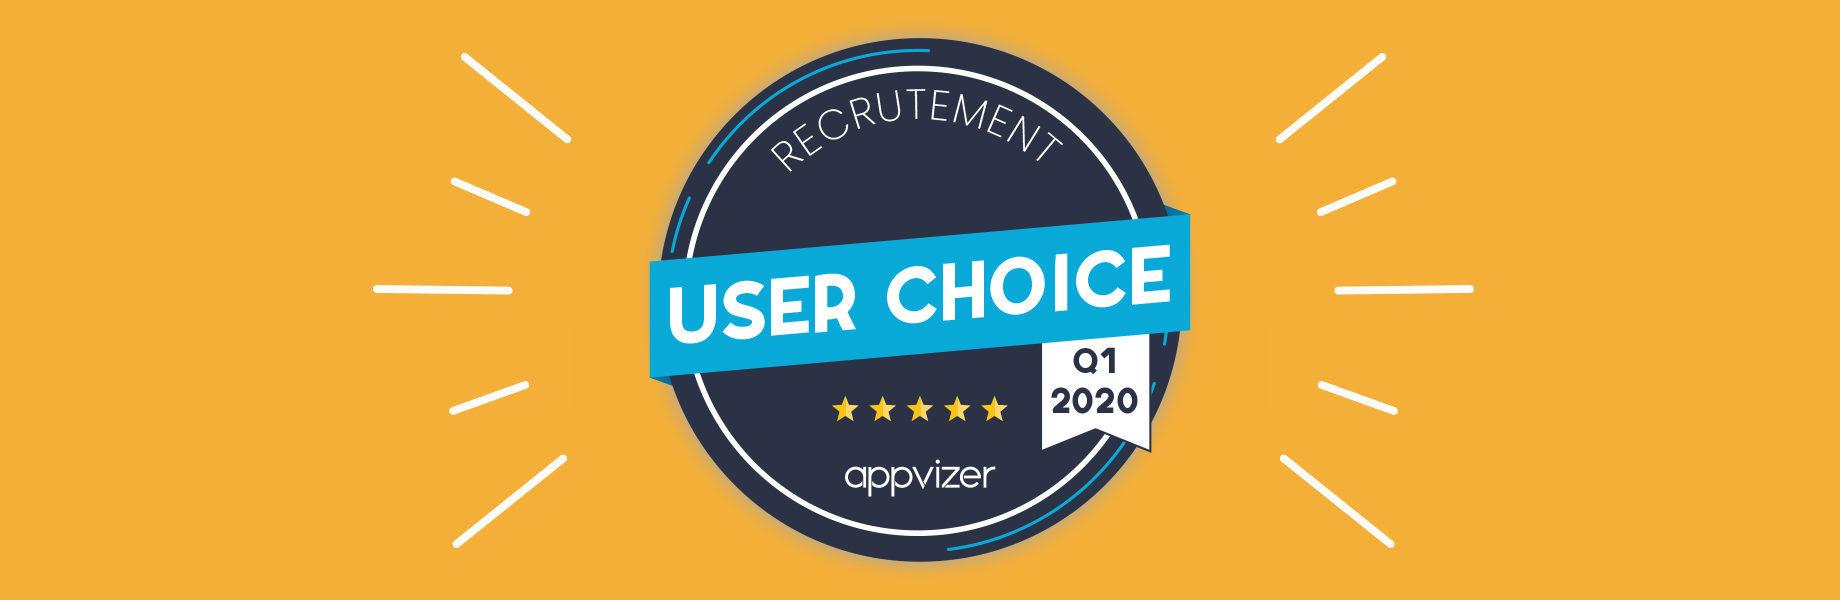 Warum wird ein appvizer User Choice Badge einer Software zugewiesen?